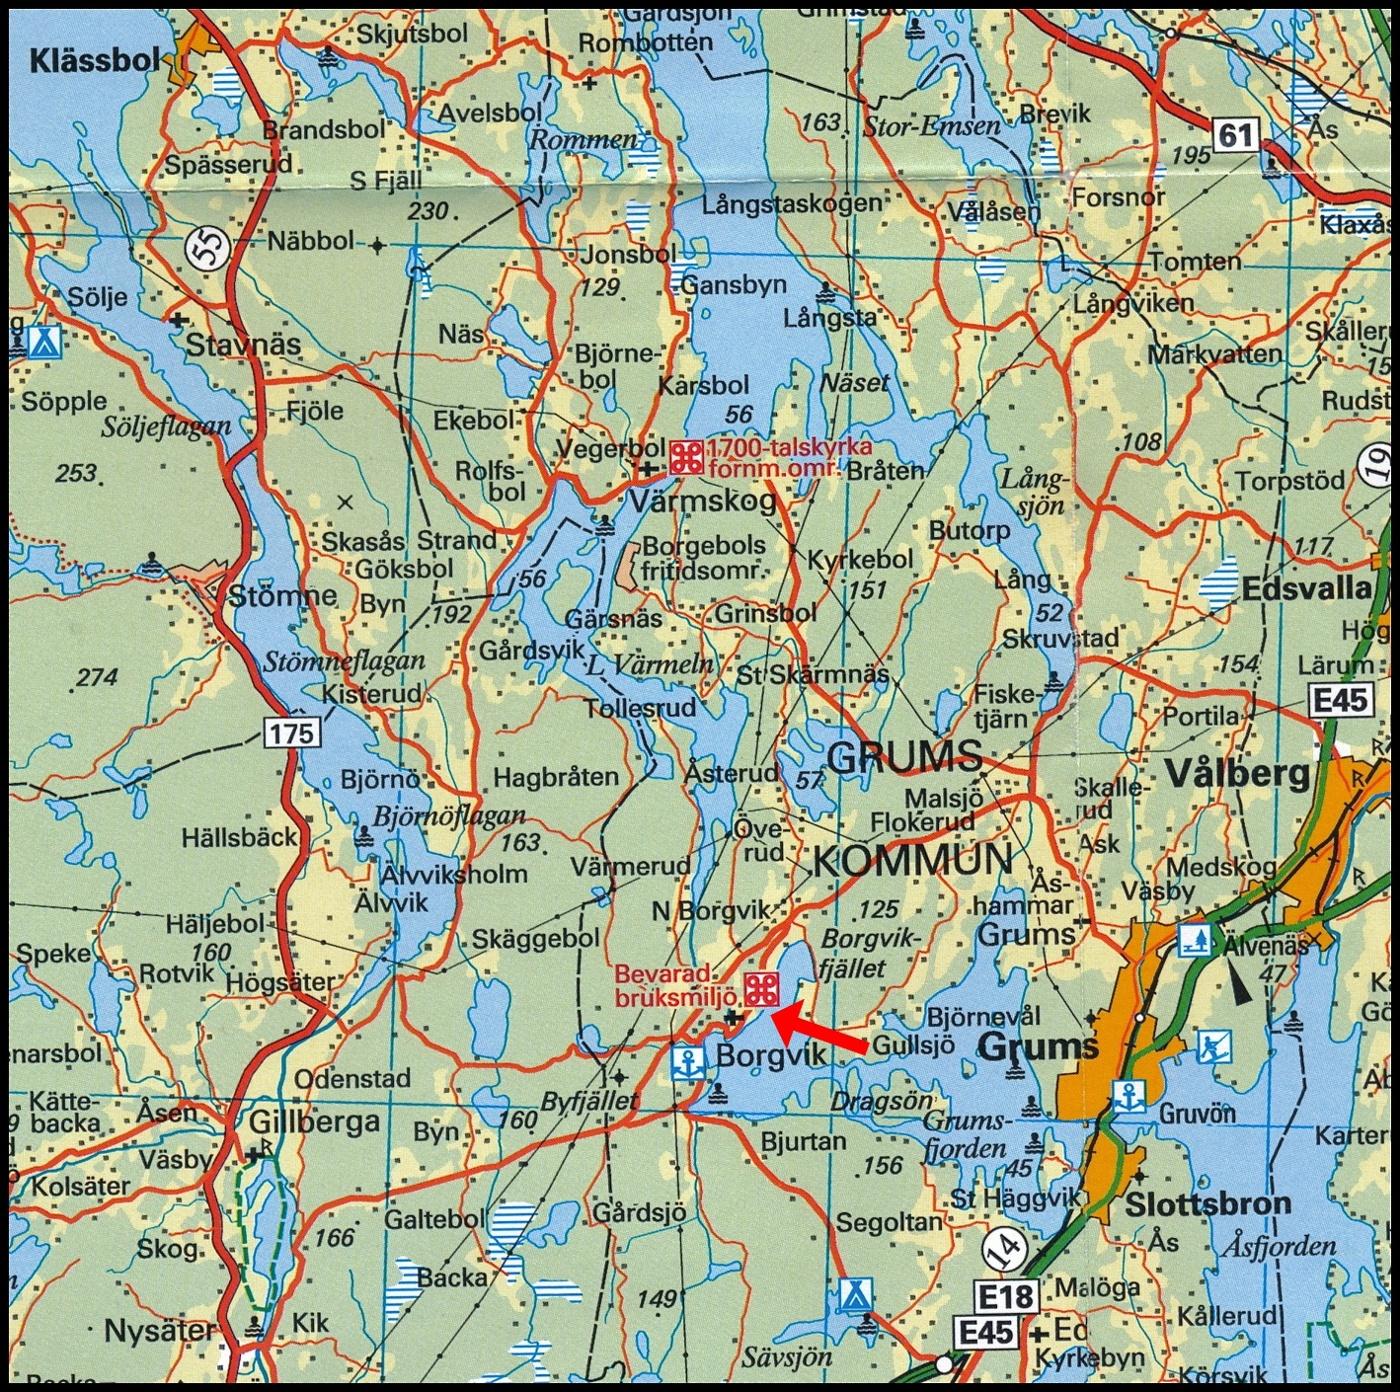 karta över grums Borgvik | Värmlands bildgalleri karta över grums